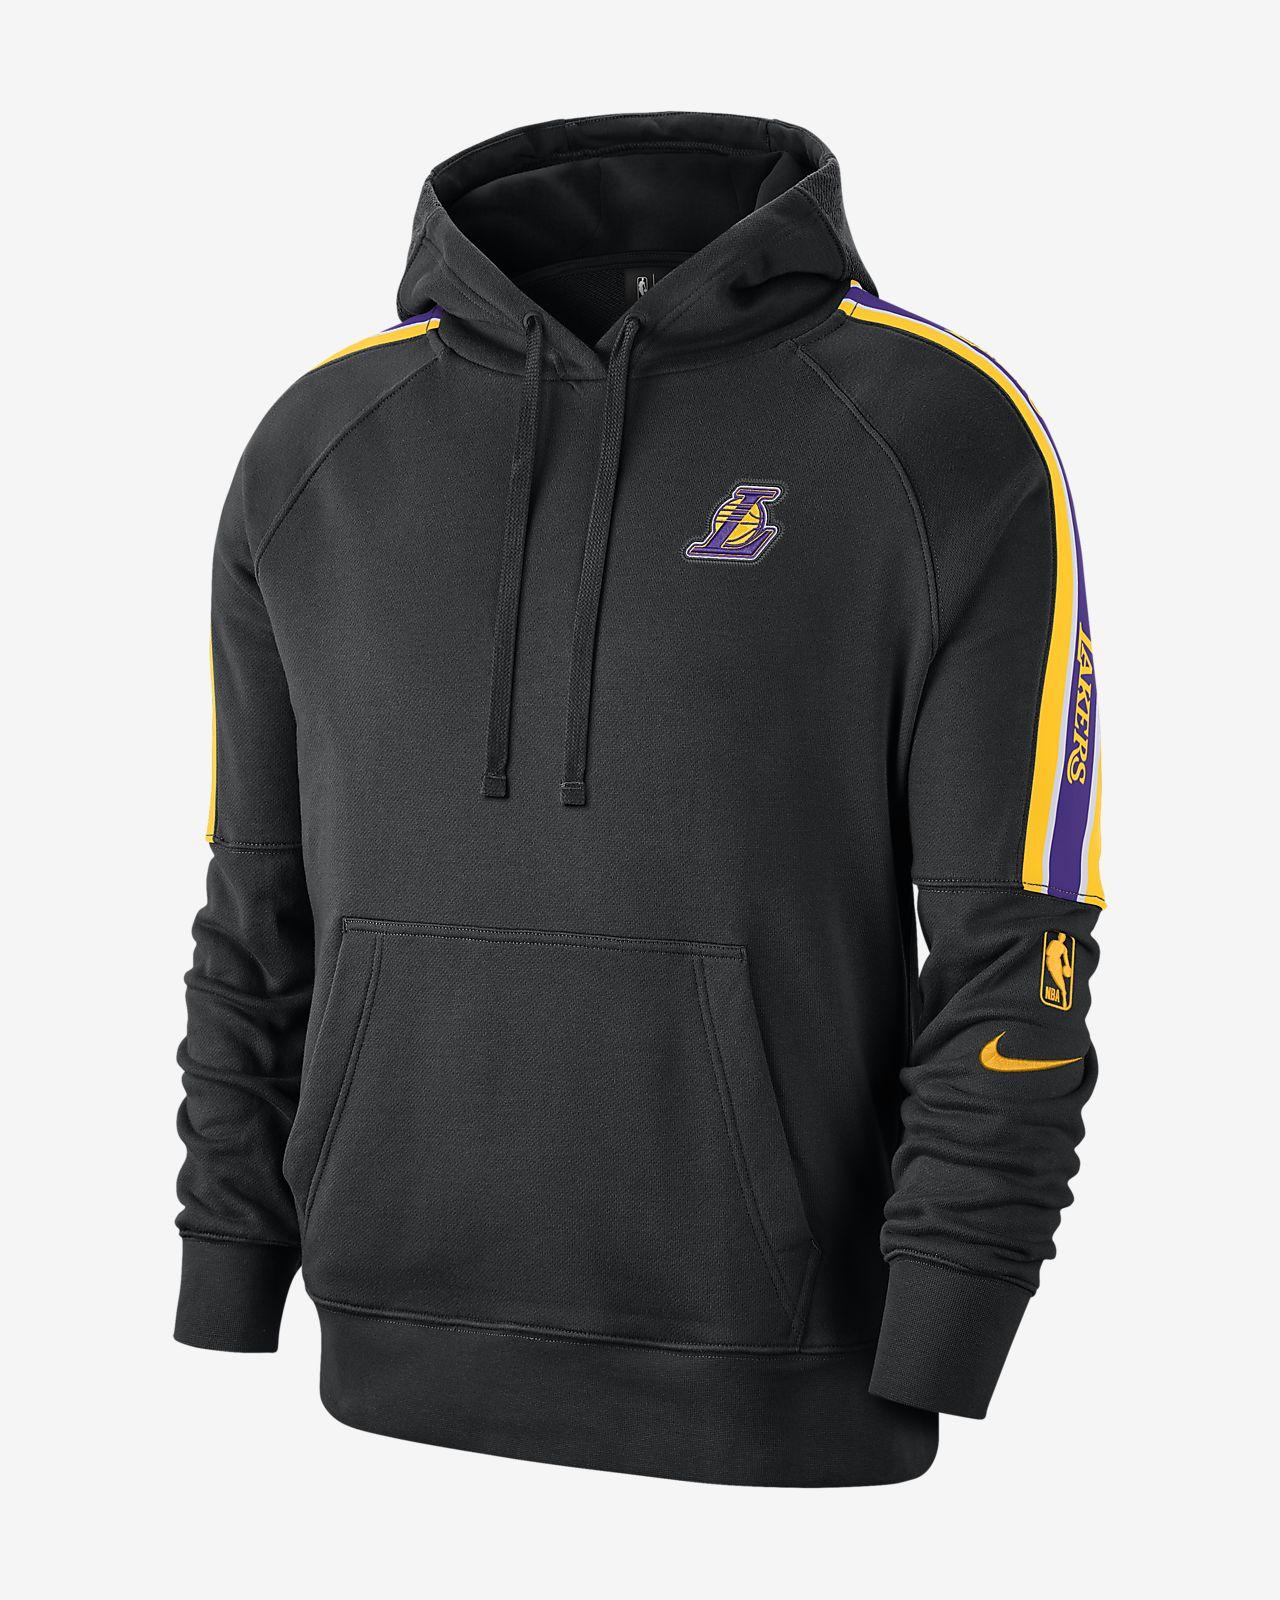 洛杉矶湖人队 Courtside Nike NBA 男子连帽衫